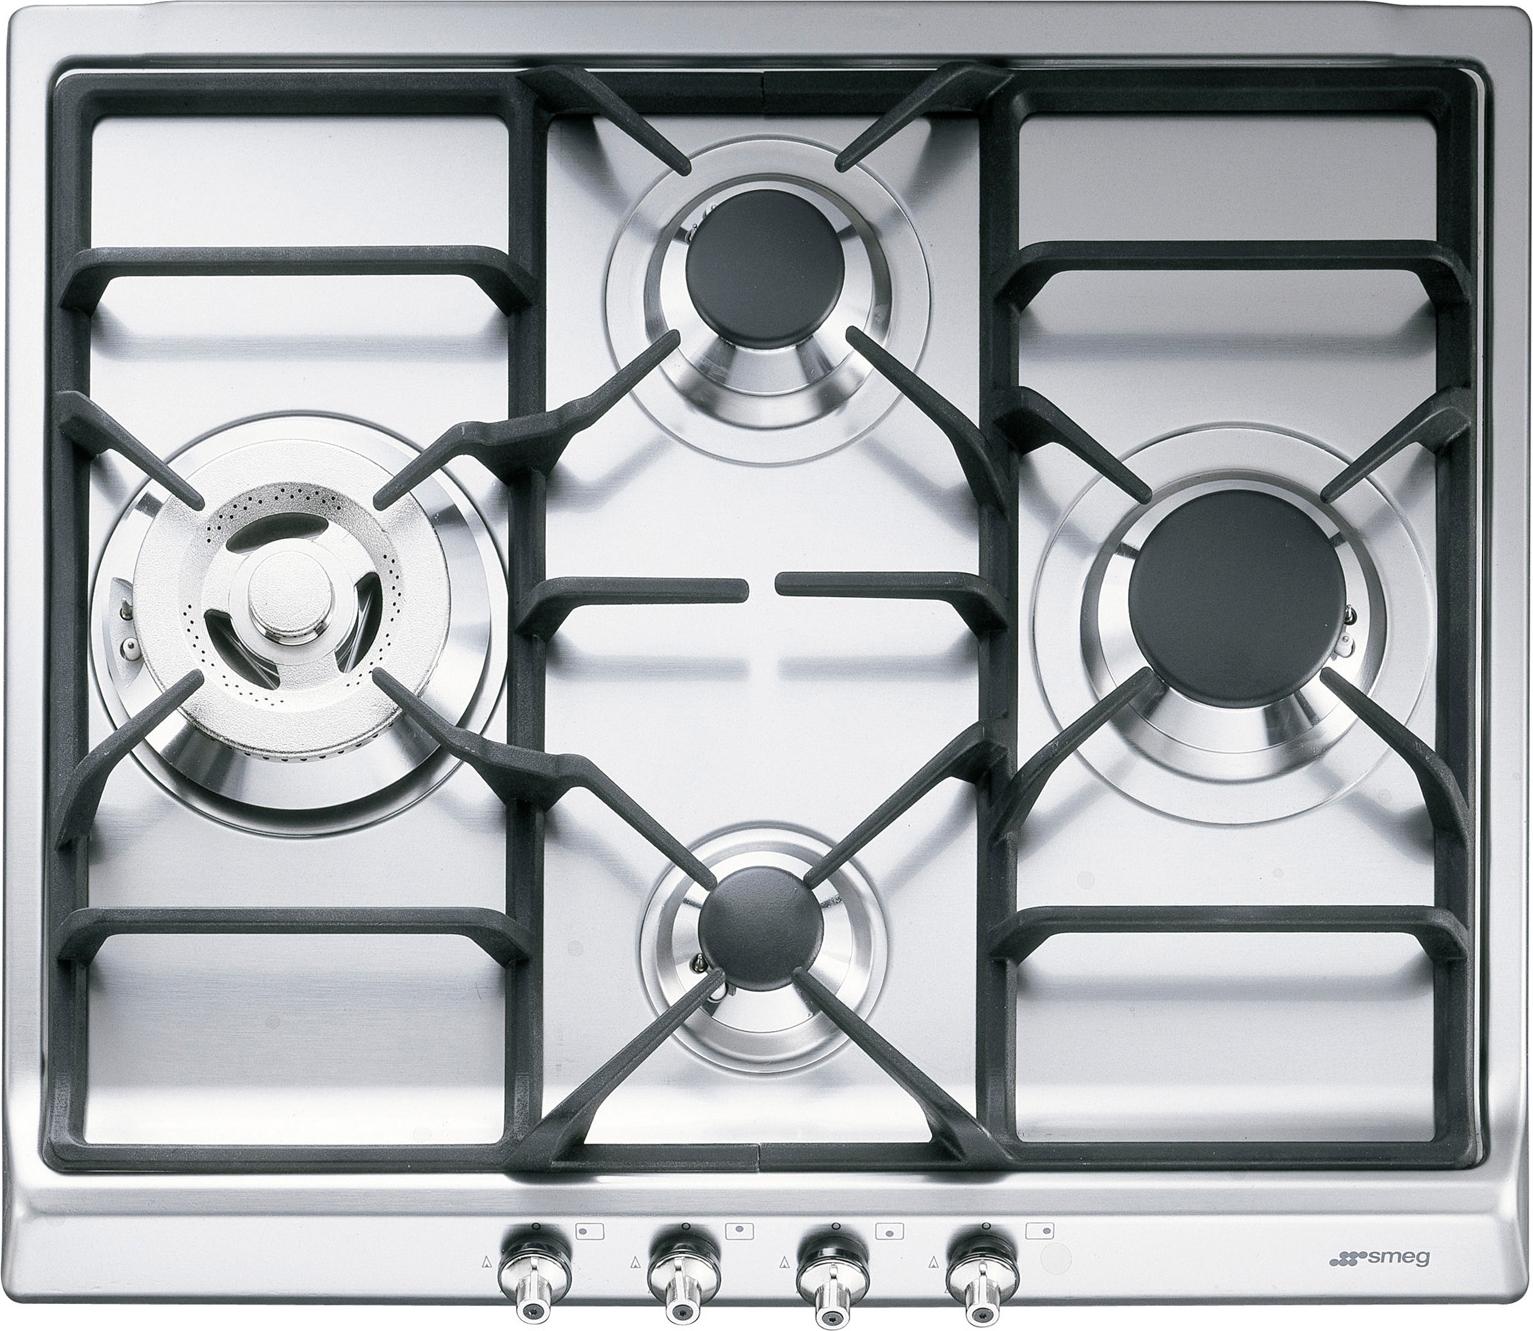 Smeg GKC641-3 inbouw kookplaat